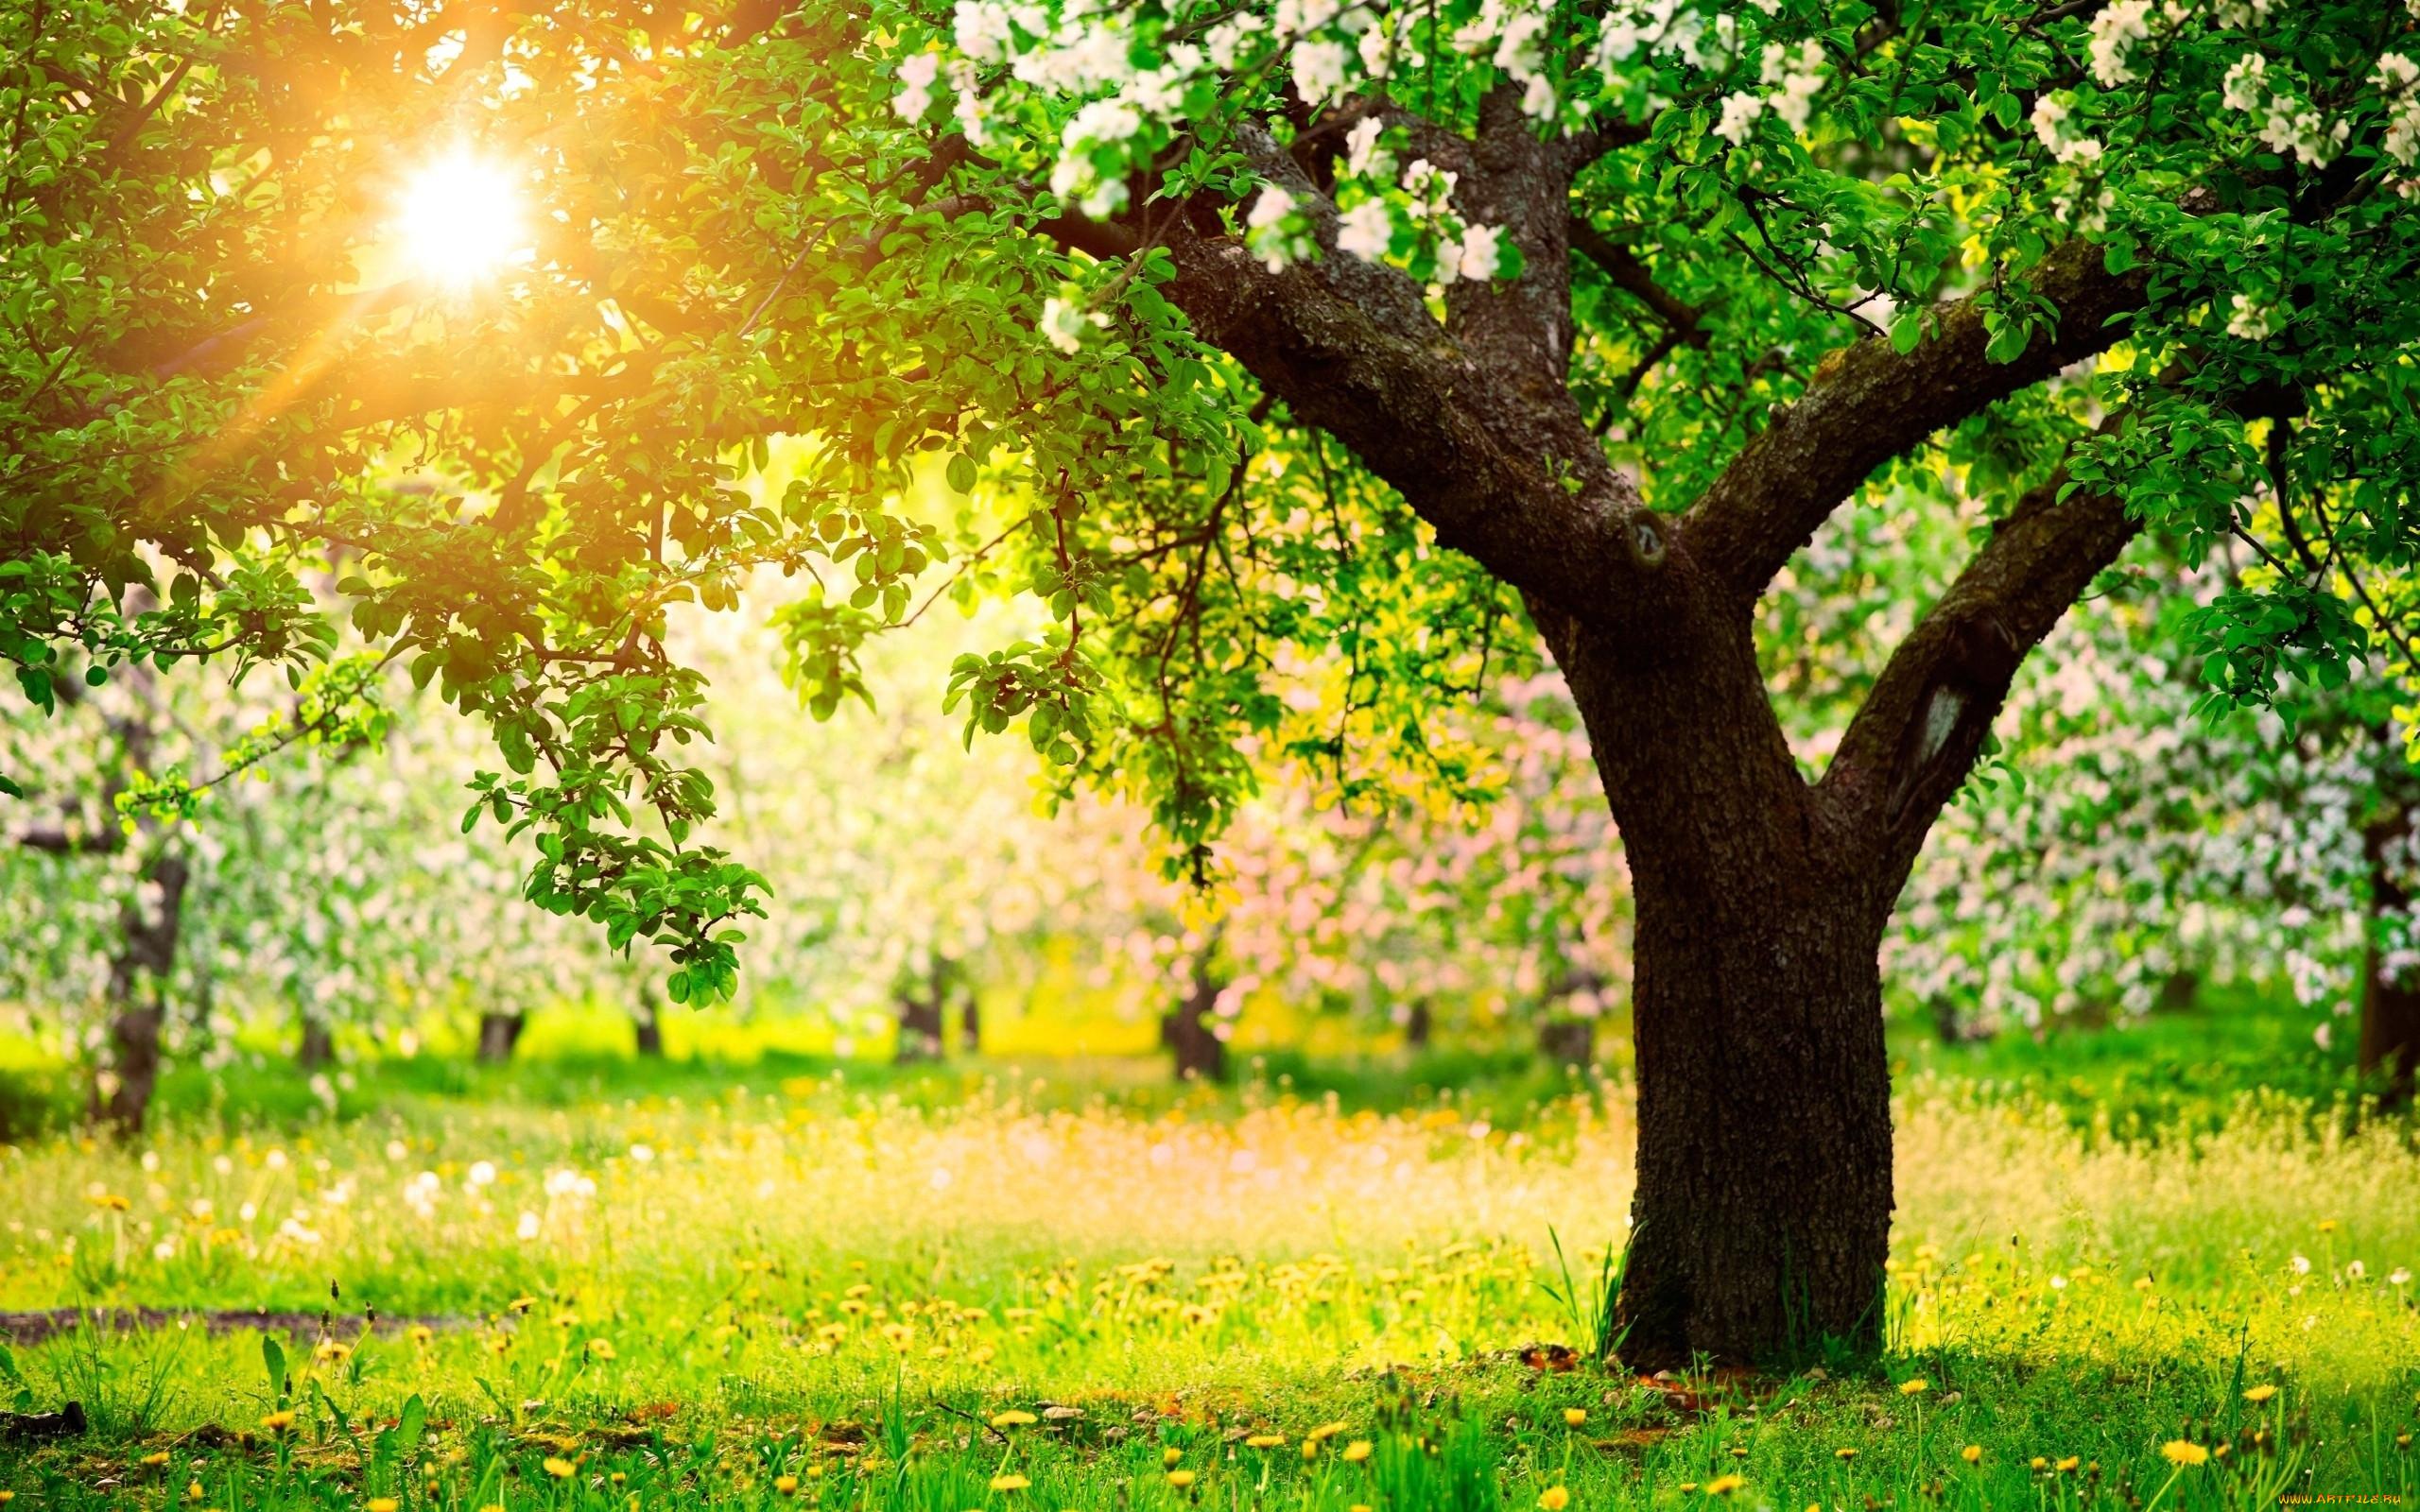 картинки деревьев рабочего стола рано утром